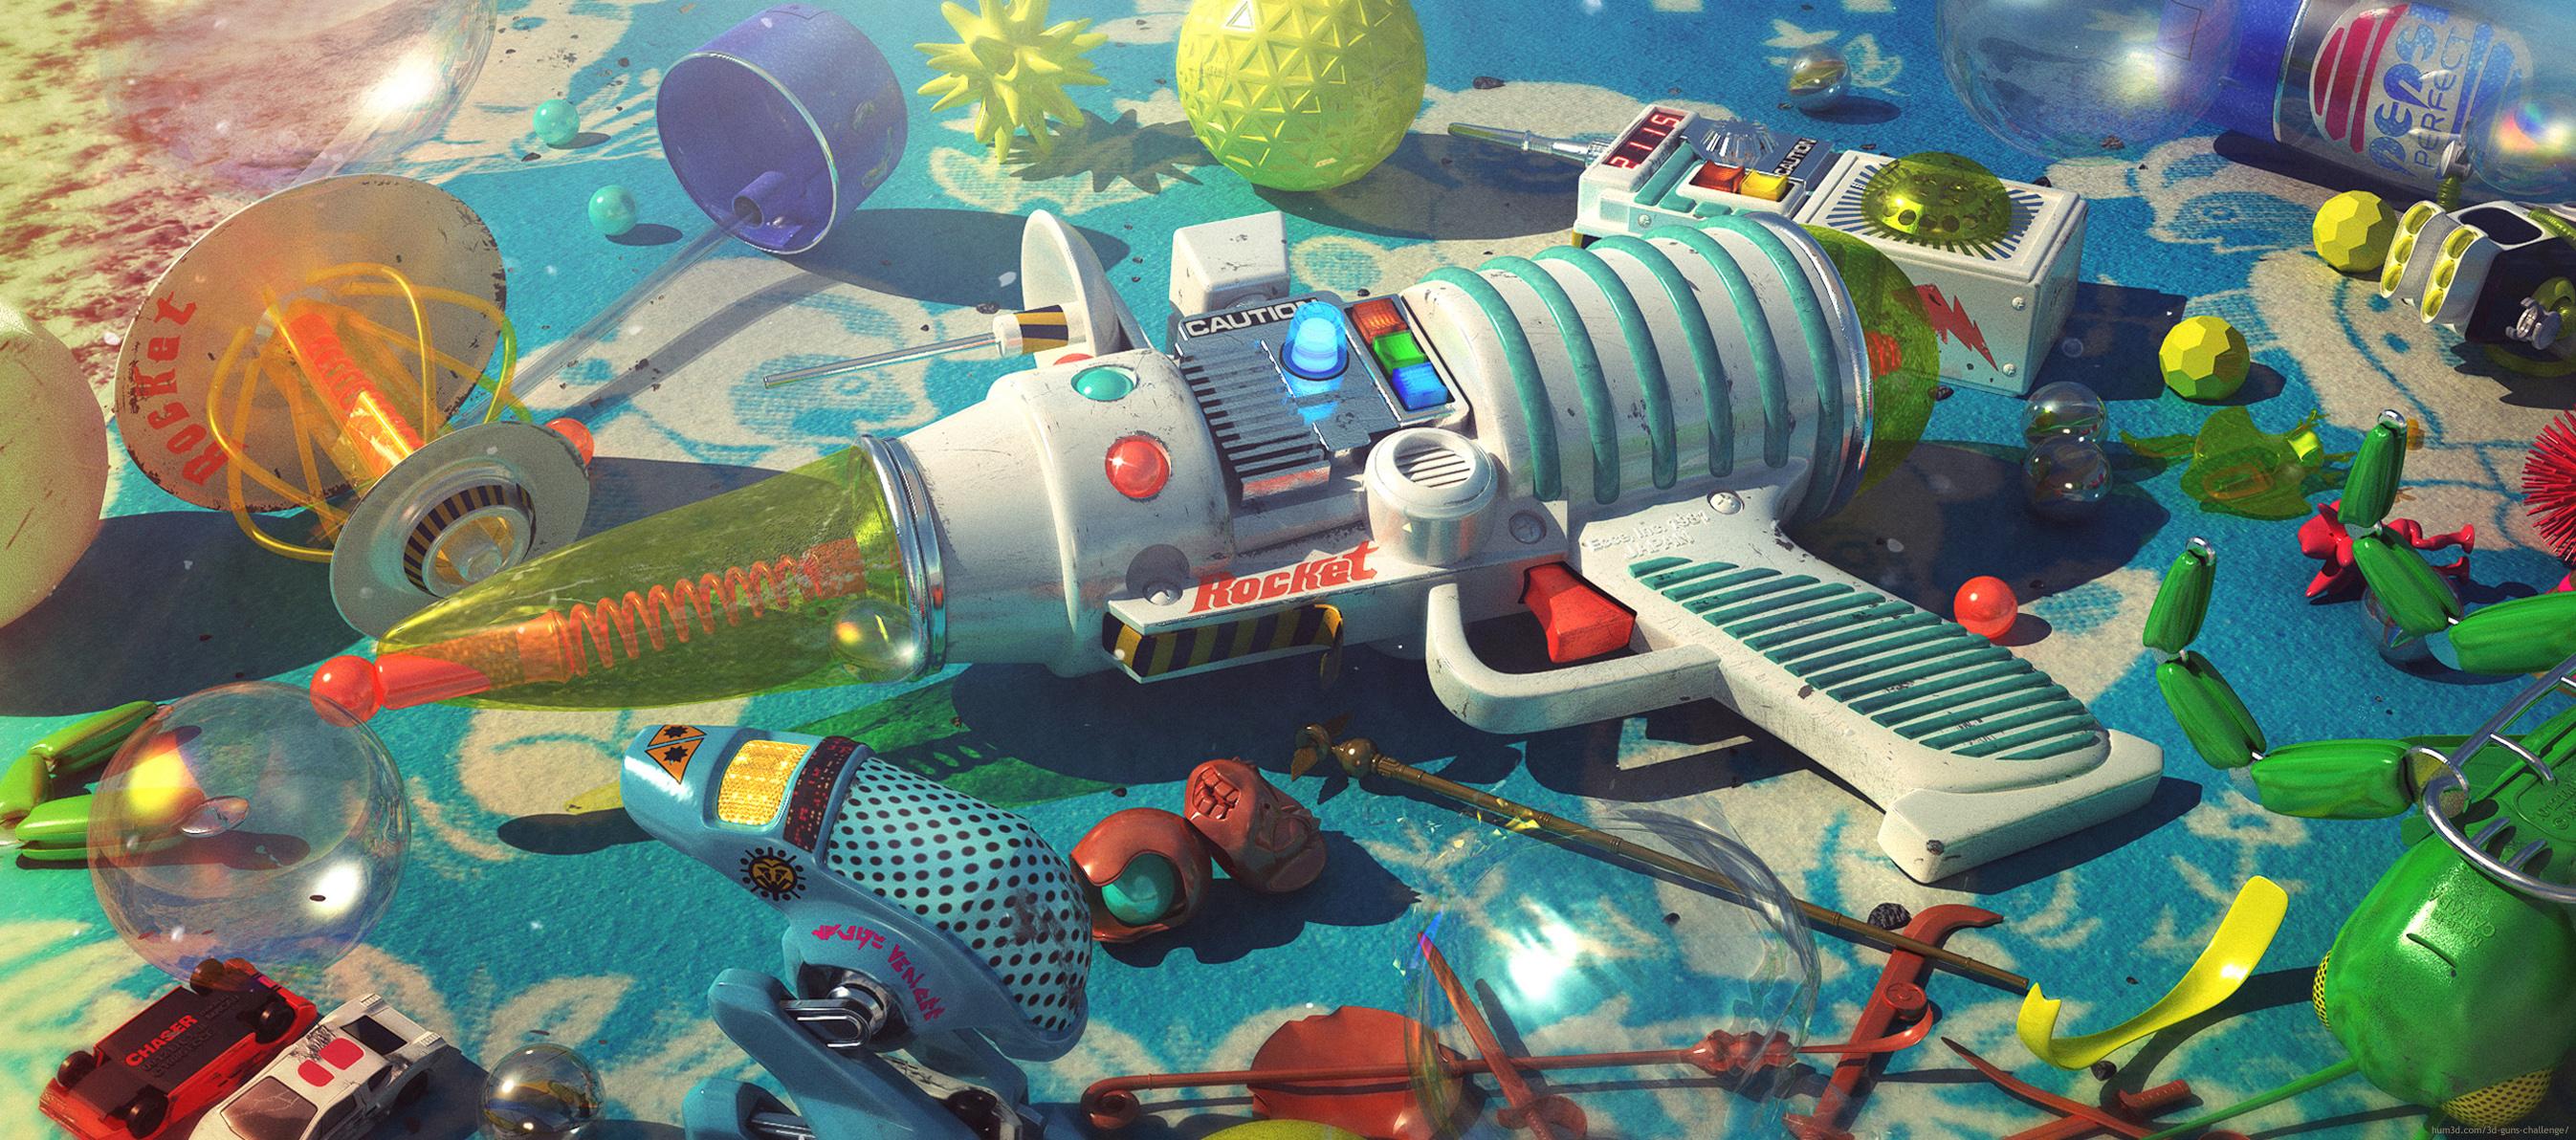 Playground 3d art